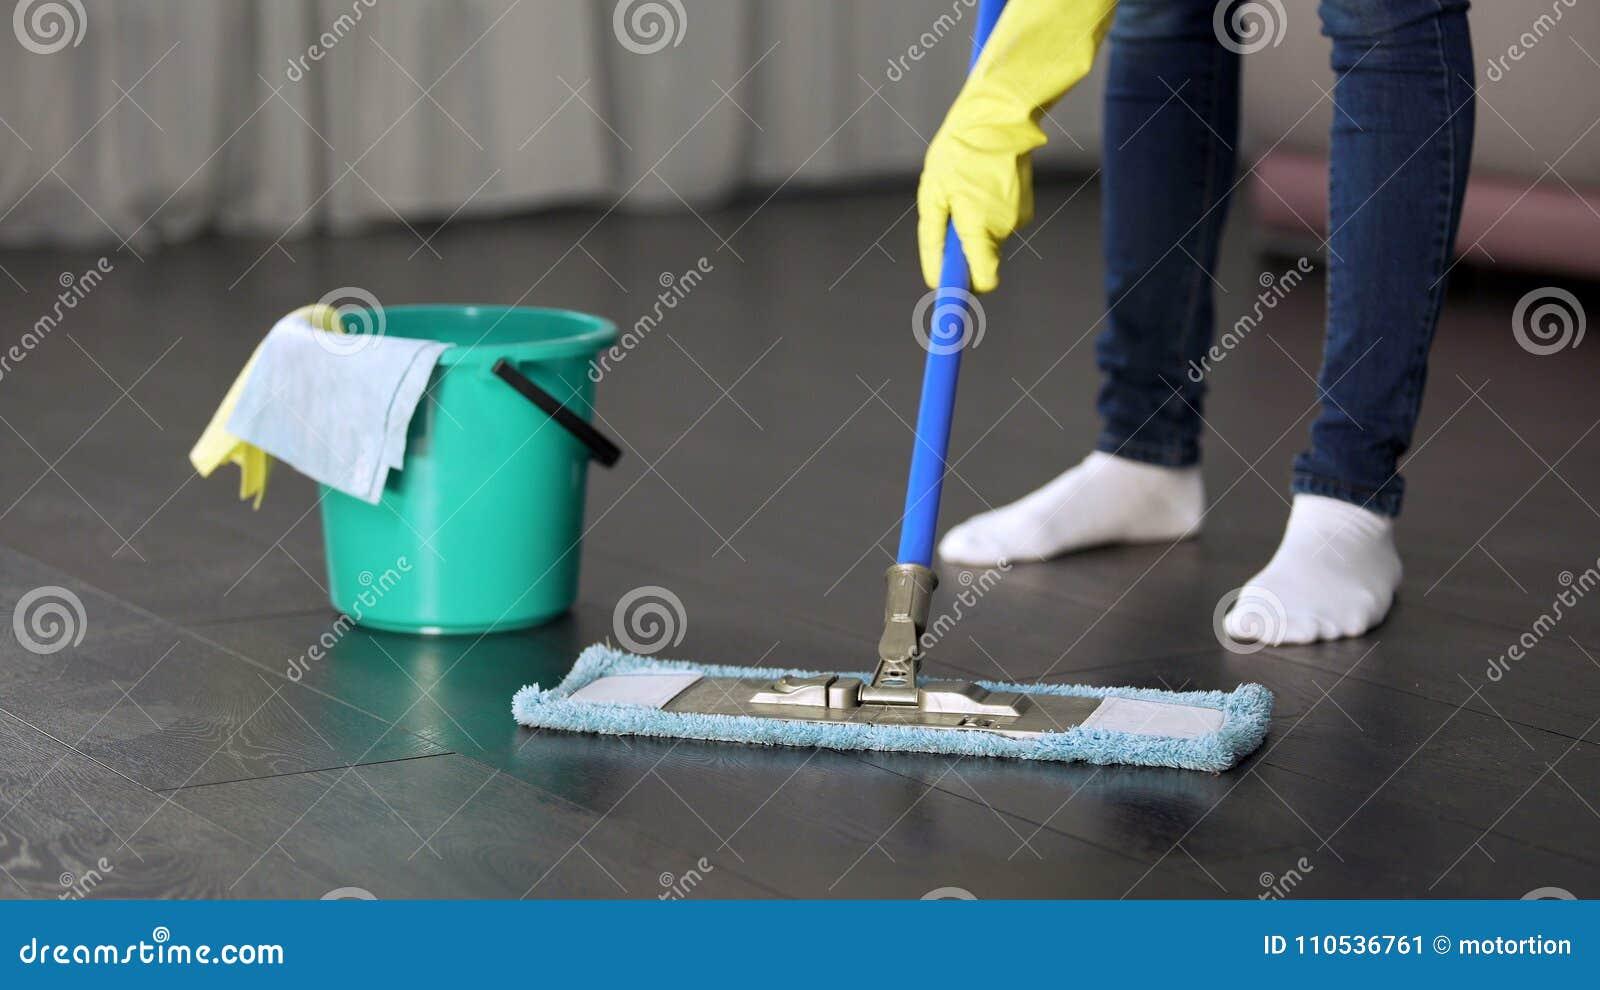 Obsédant avec la jeune dame de propreté lavant complètement le plancher de sa maison